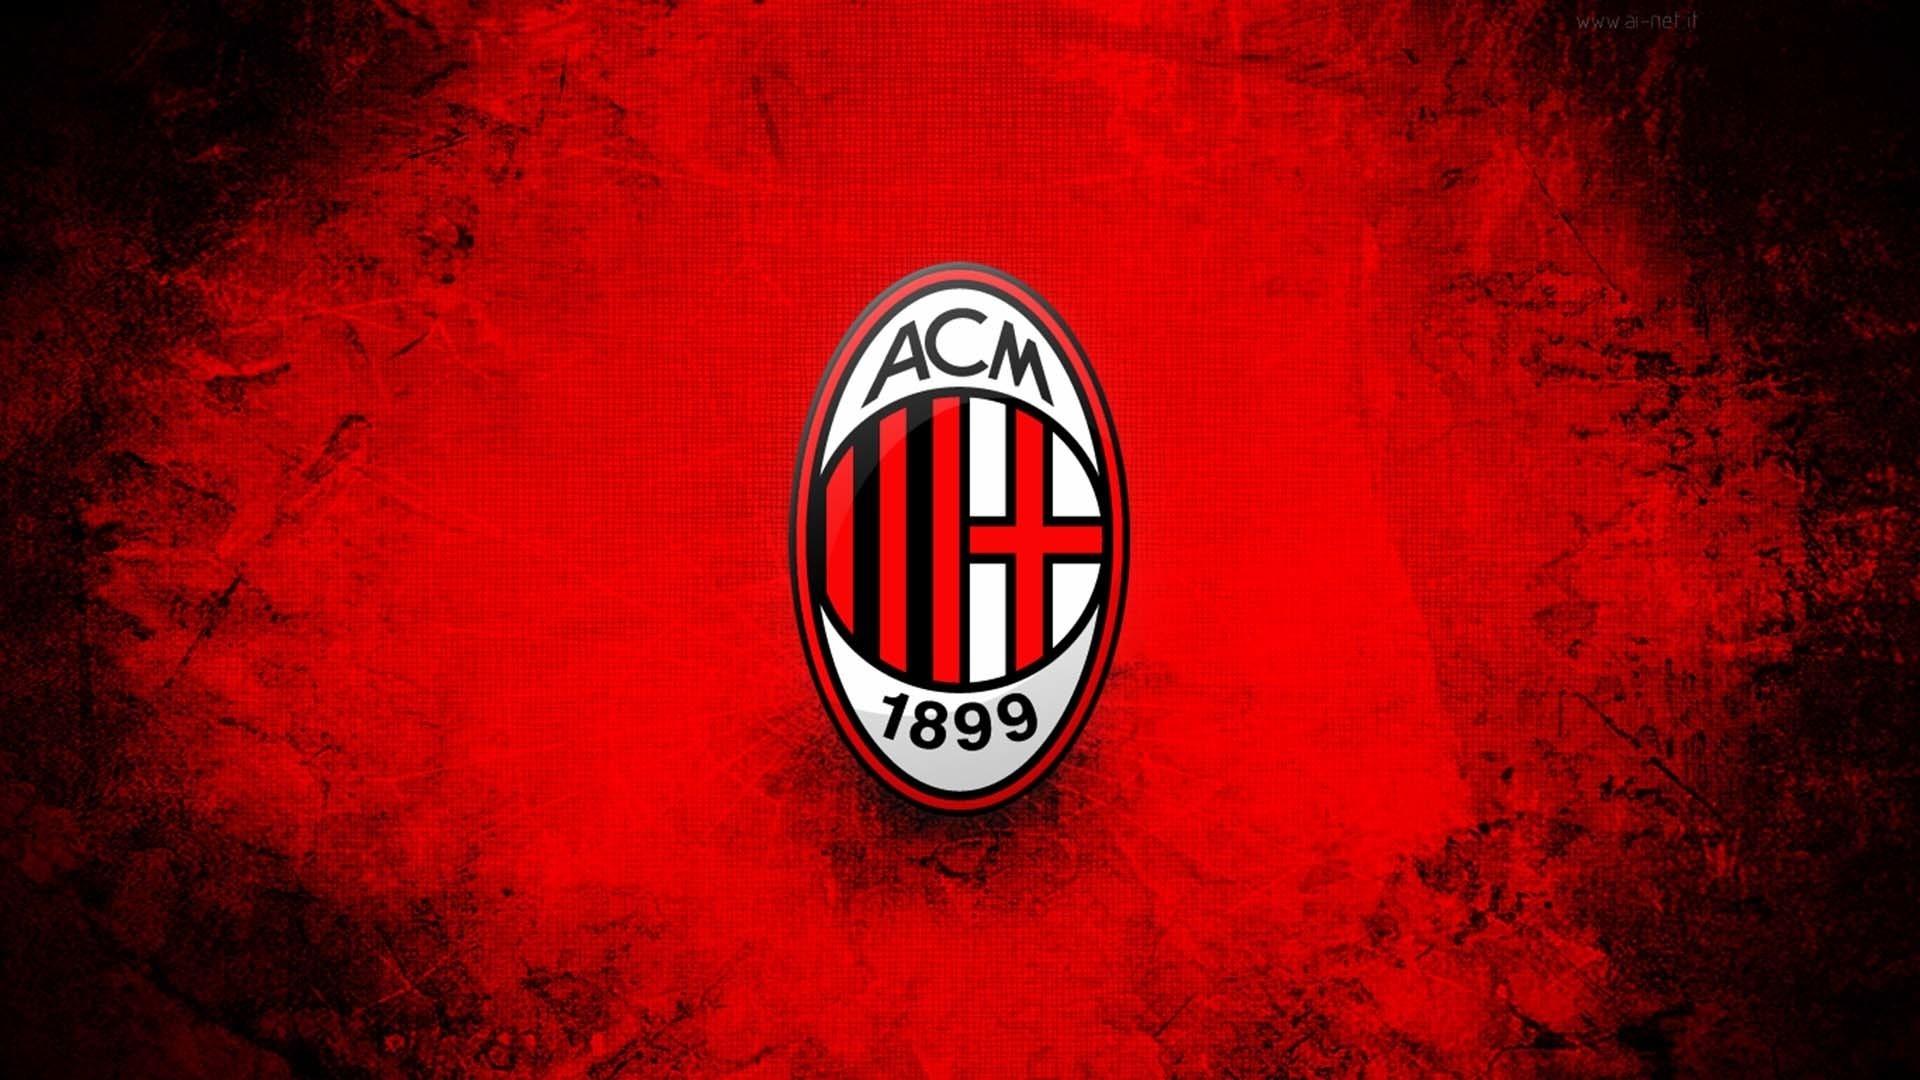 Ac Milan Wallpaper for pc